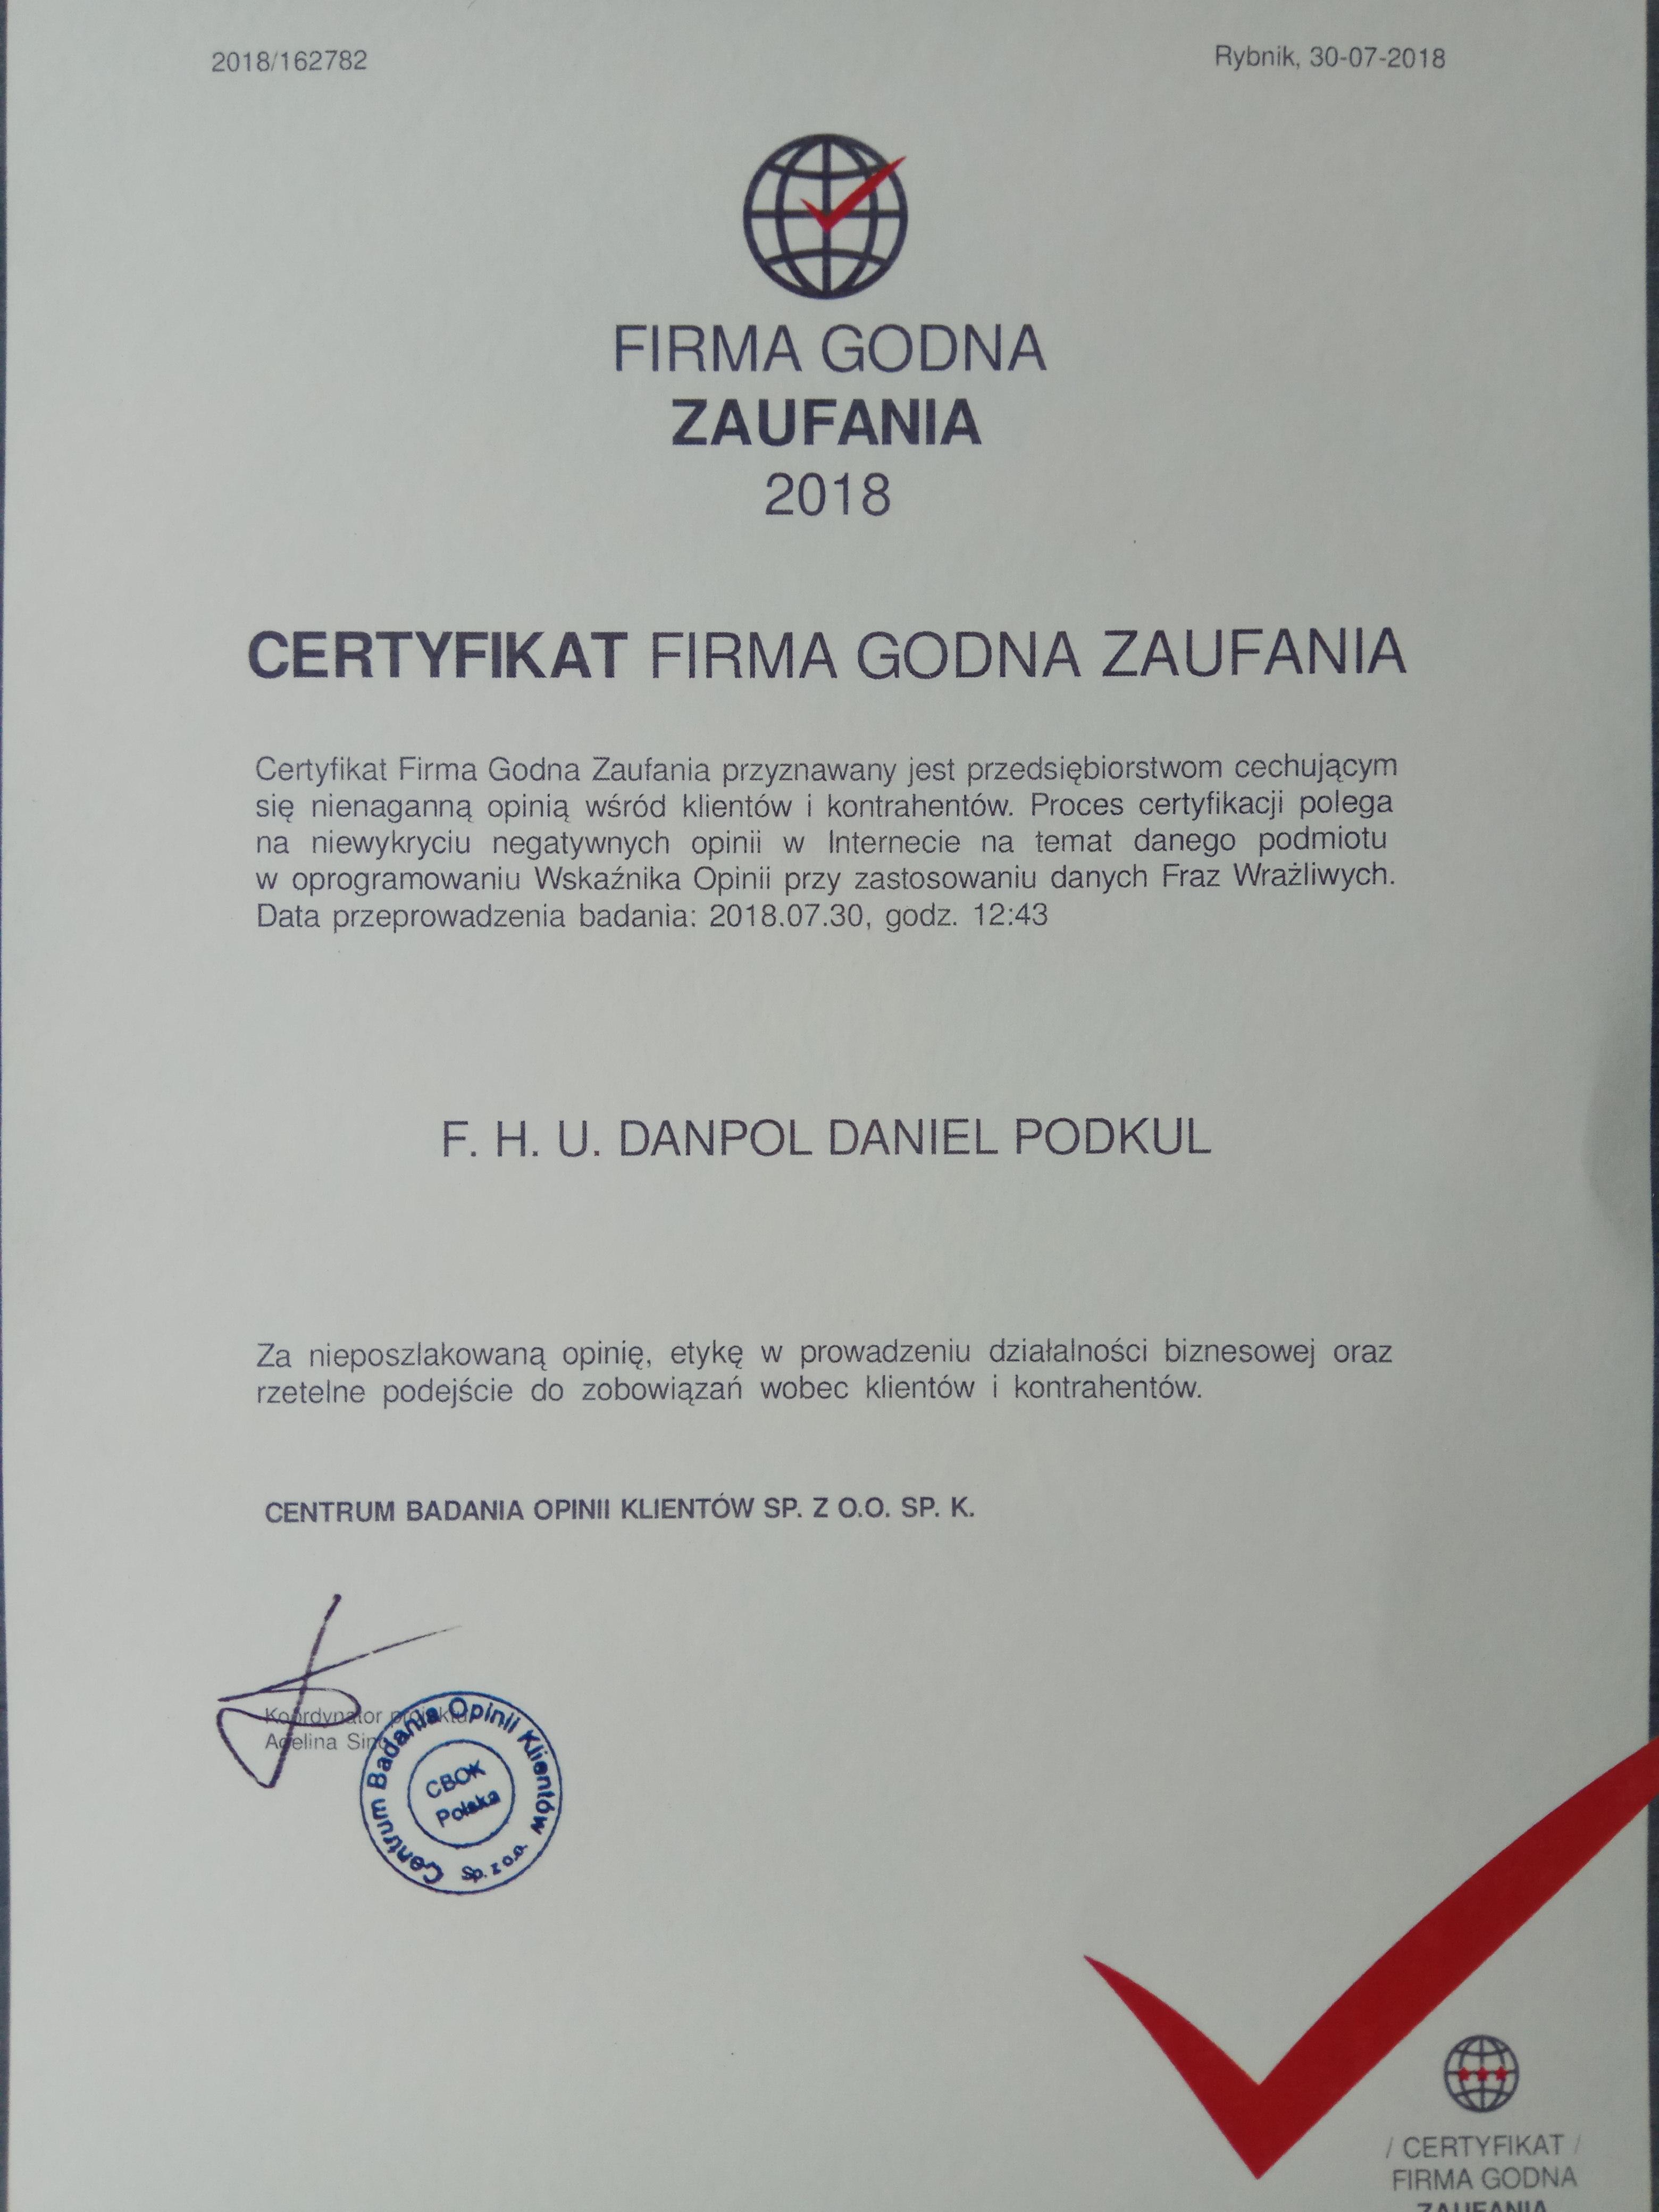 Firma Godna Zaufania - CENTRUMHANDLOWE.NET